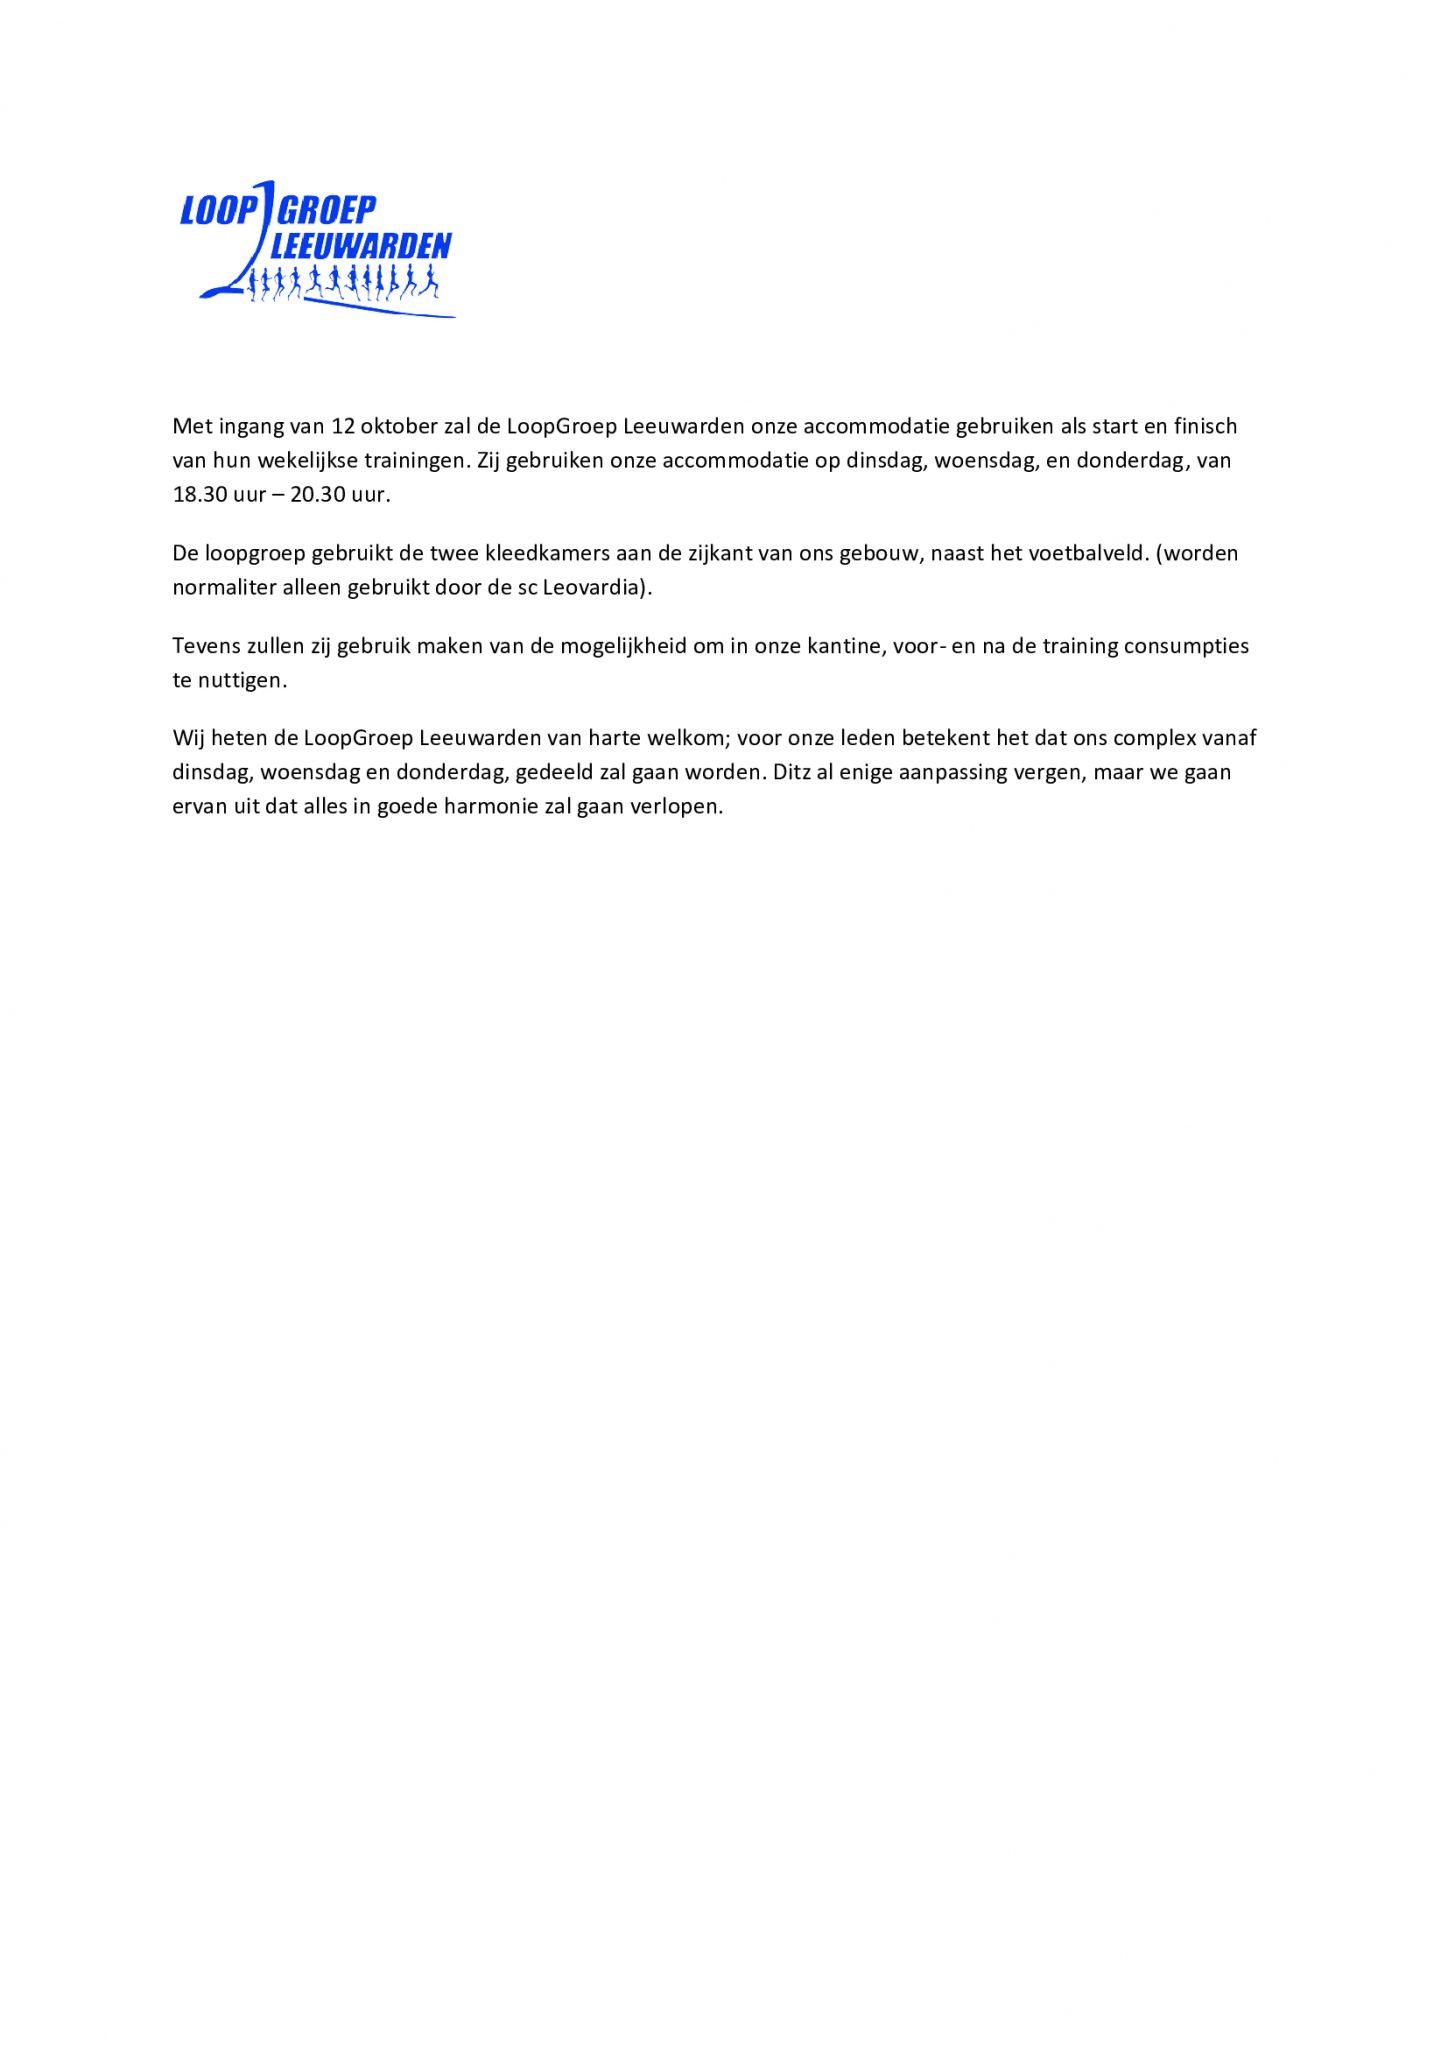 Welkom LoopGroep Leeuwarden